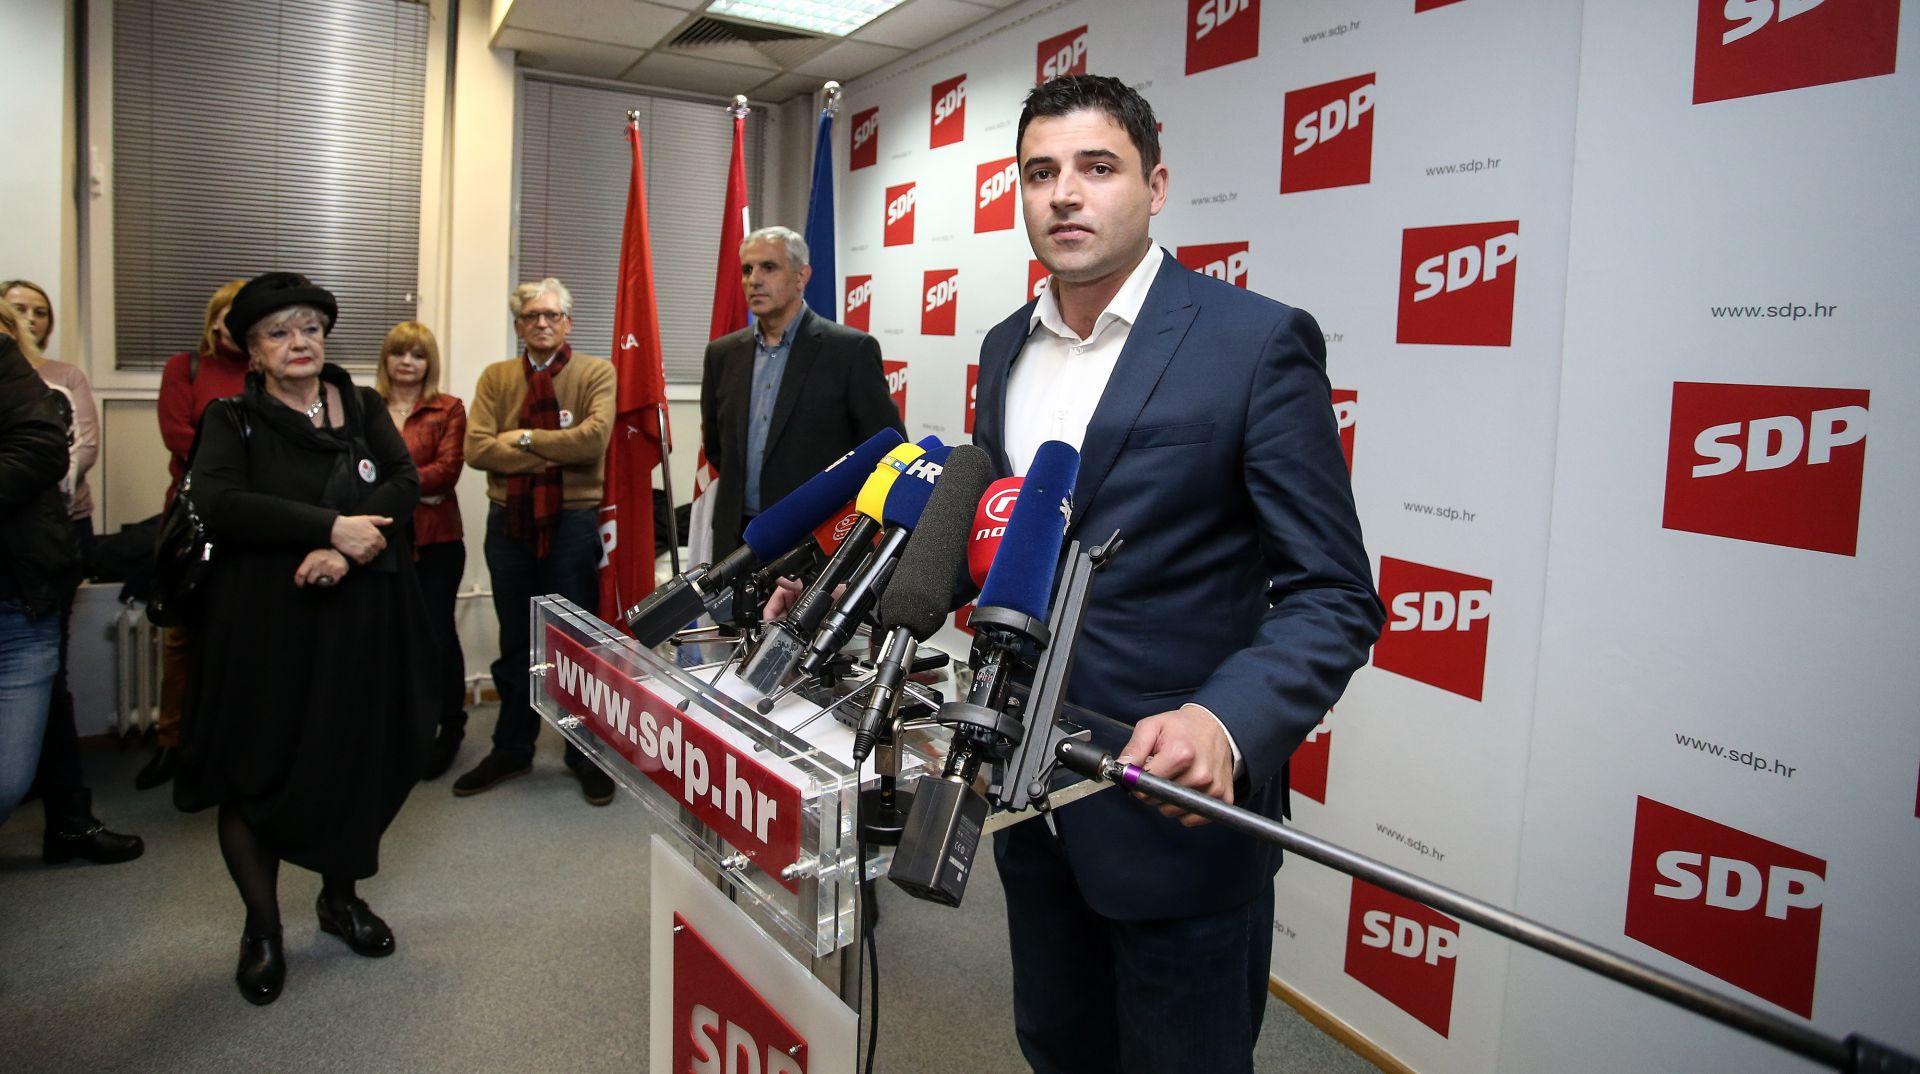 BERNARDIĆ O OSTOJIĆEVIM OPTUŽBAMA: 'Iznošenjem neistina pokušava se baciti ljaga na izborni proces u SDP-u'